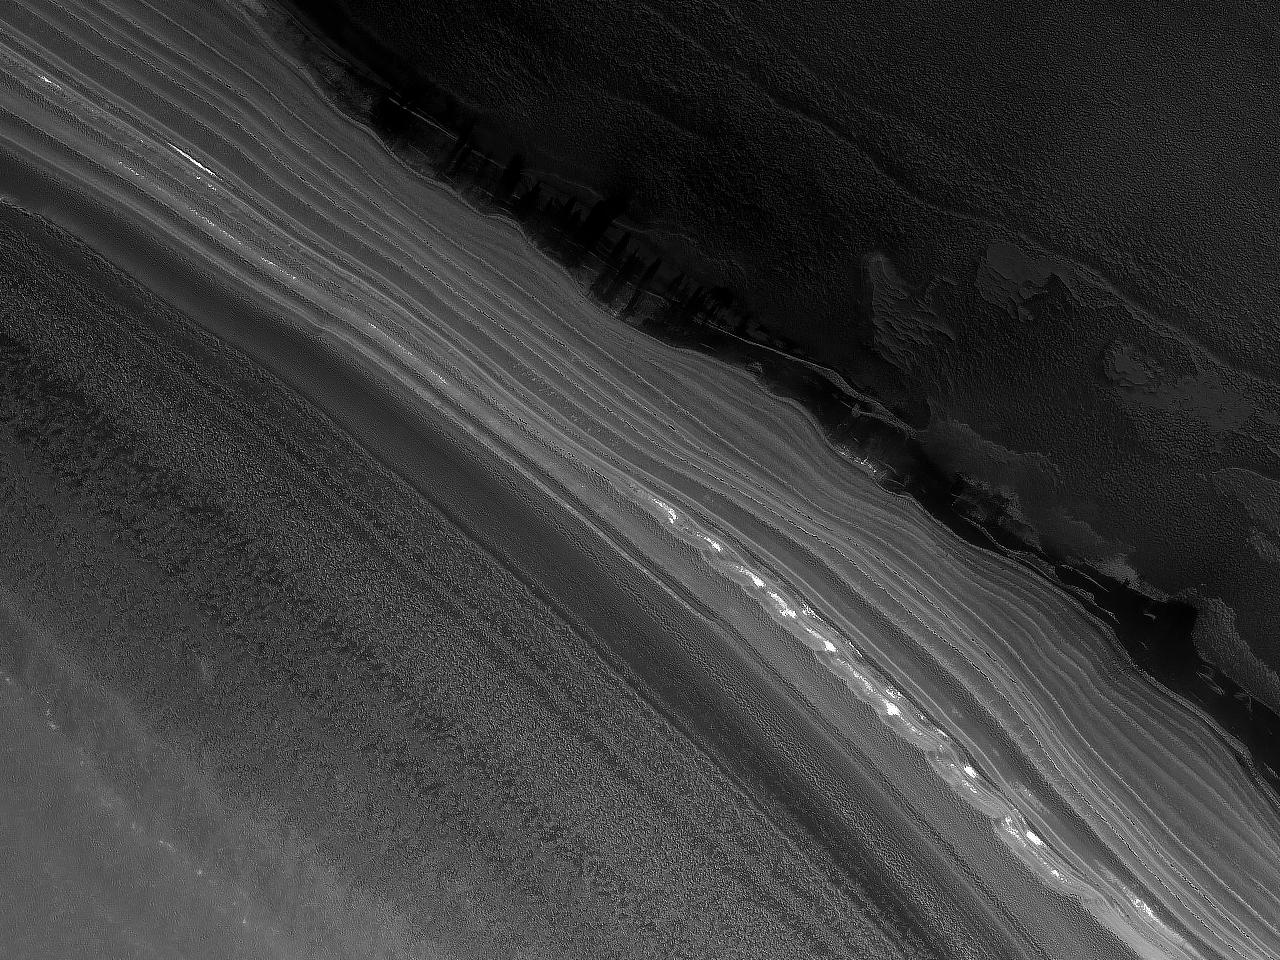 Scarpata ripida sul bordo di depositi stratificati nella regione del Polo Nord